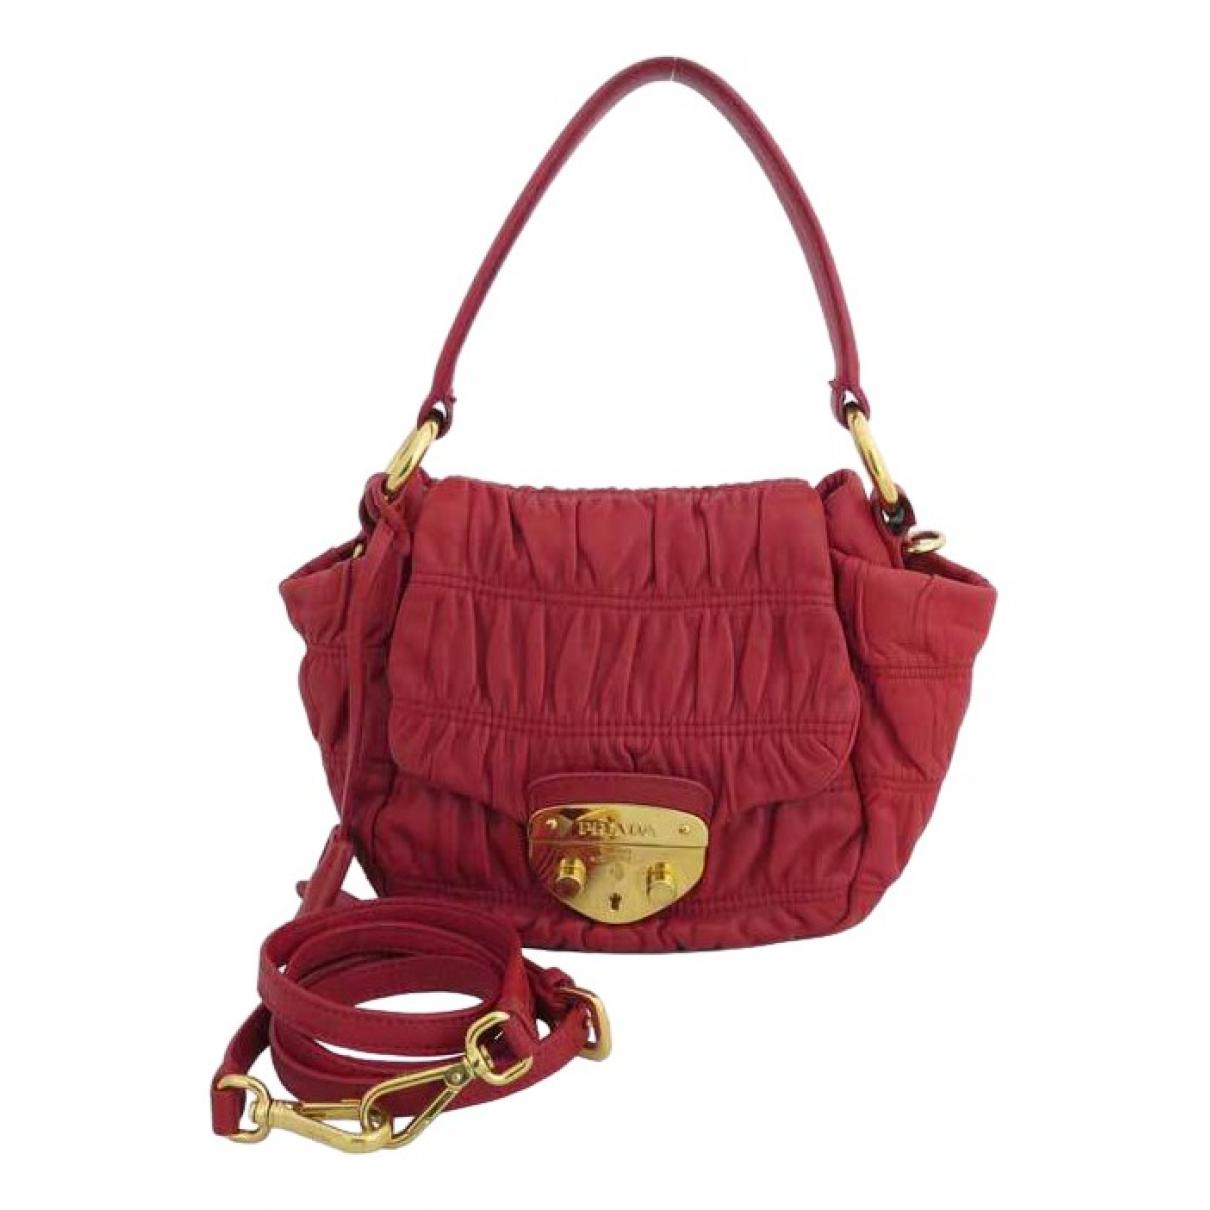 Prada - Sac a main   pour femme en cuir - rouge